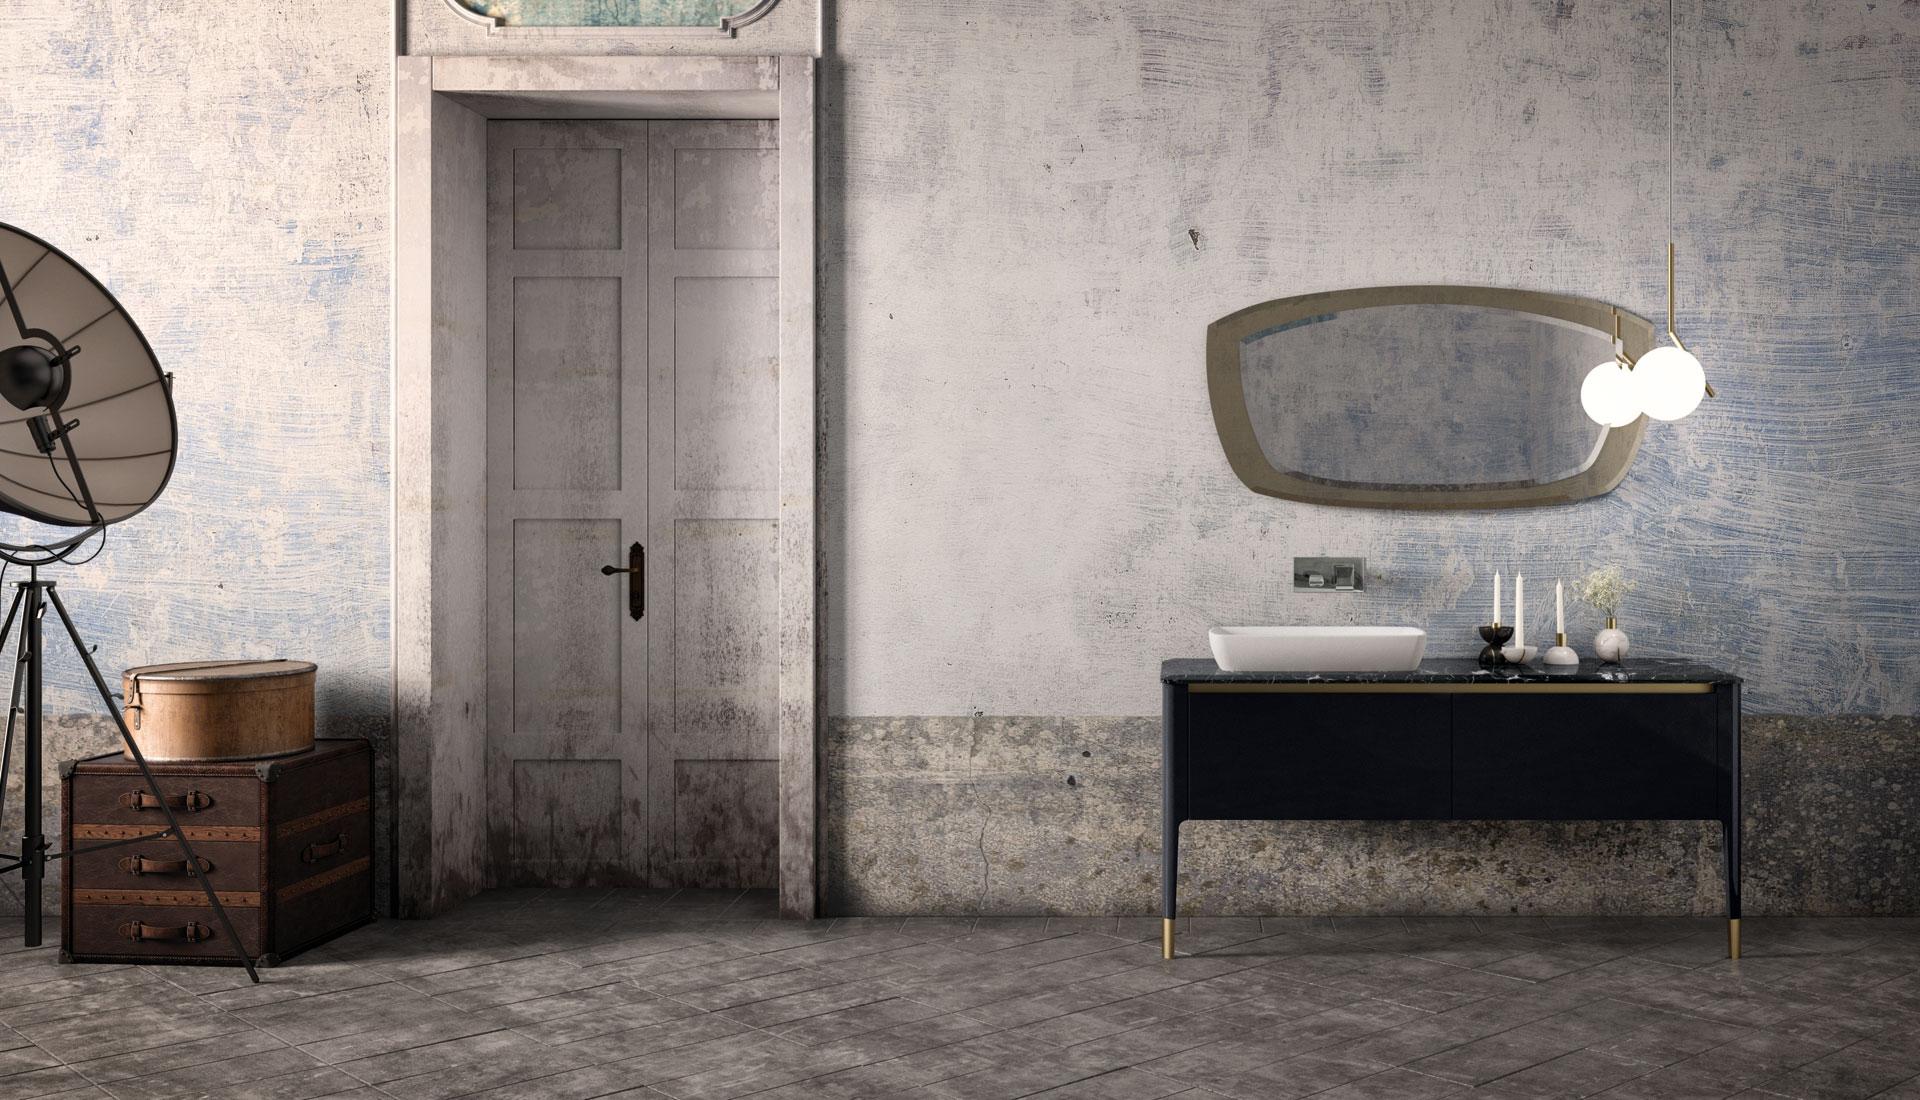 Arredo Bagno Puntotre, Mobili E Arredamento Bagno Per La Casa